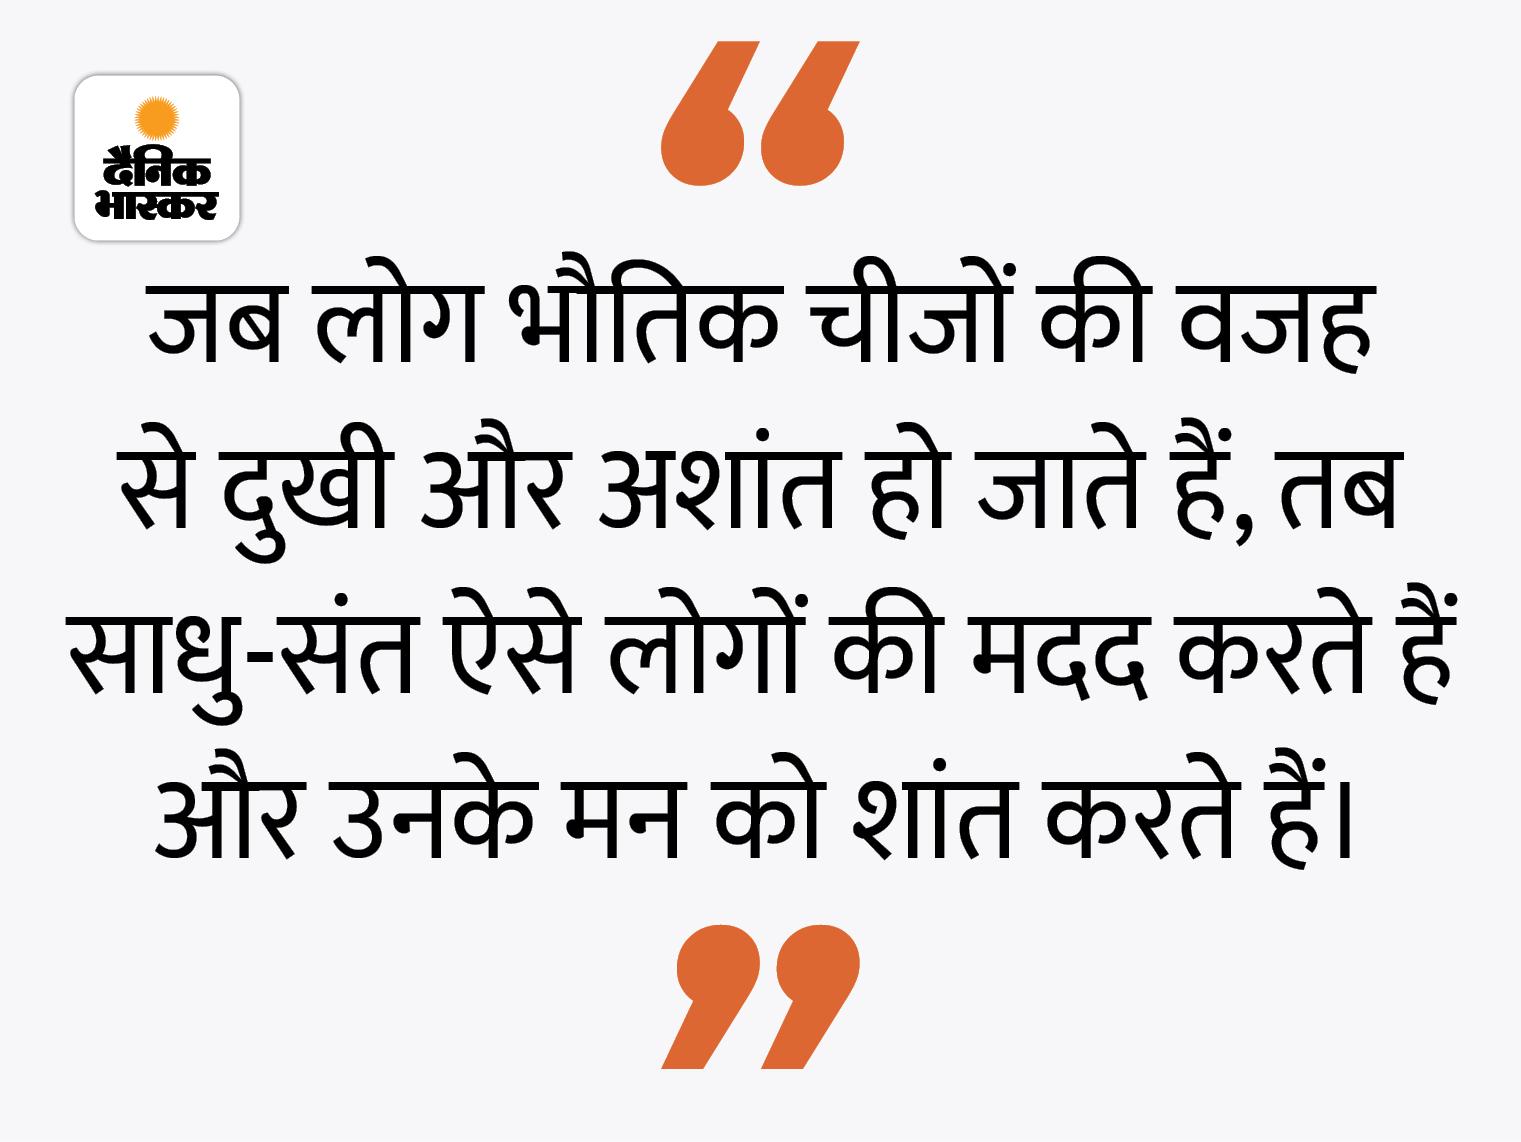 साधु प्रवृत्ति के लोग किसी की शारीरिक सुंदरता से मोहित नहीं होते, वे इंसानों में भेद नहीं करते हैं|धर्म,Dharm - Dainik Bhaskar